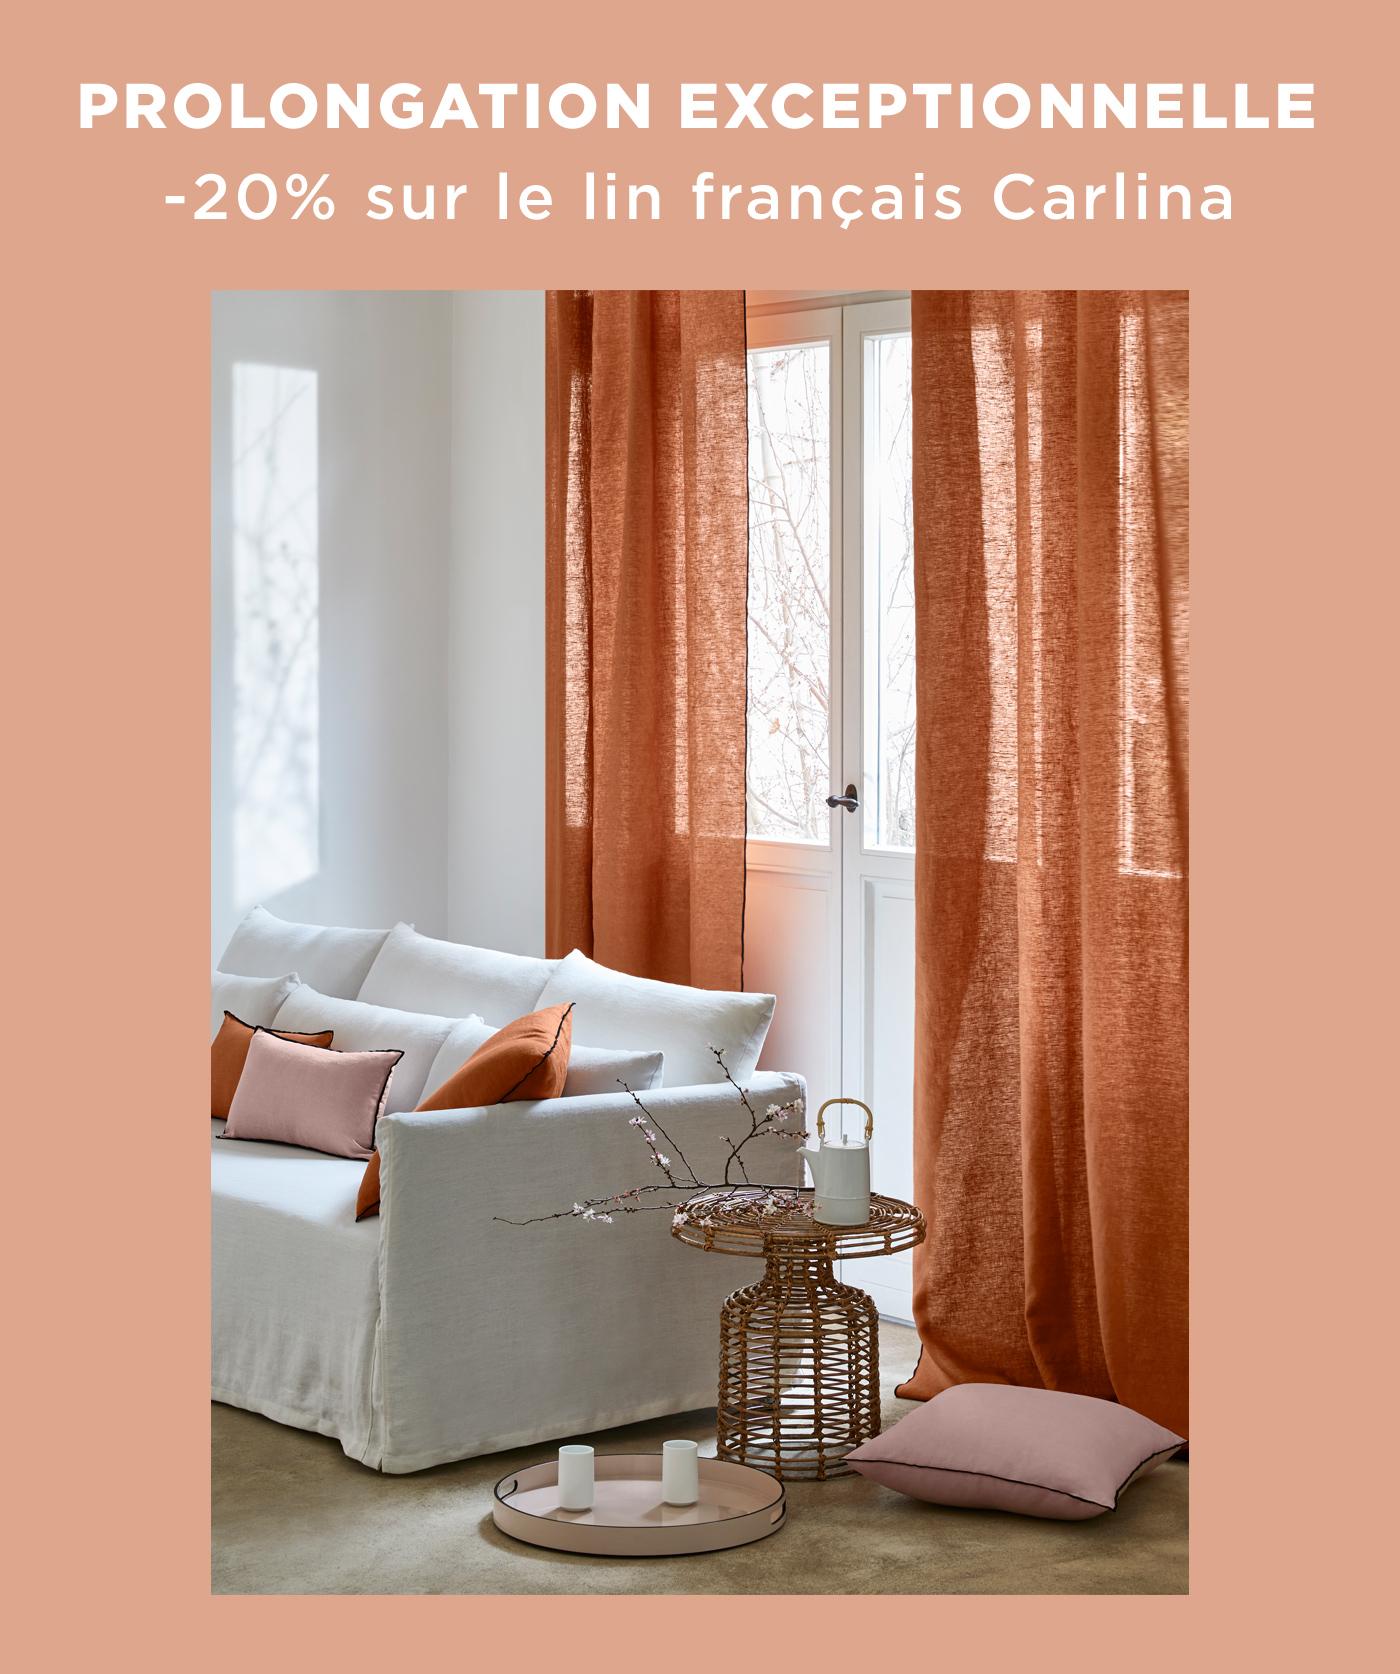 PROLONGATION EXCEPTIONNELLE | -20% sur le lin français Carlina